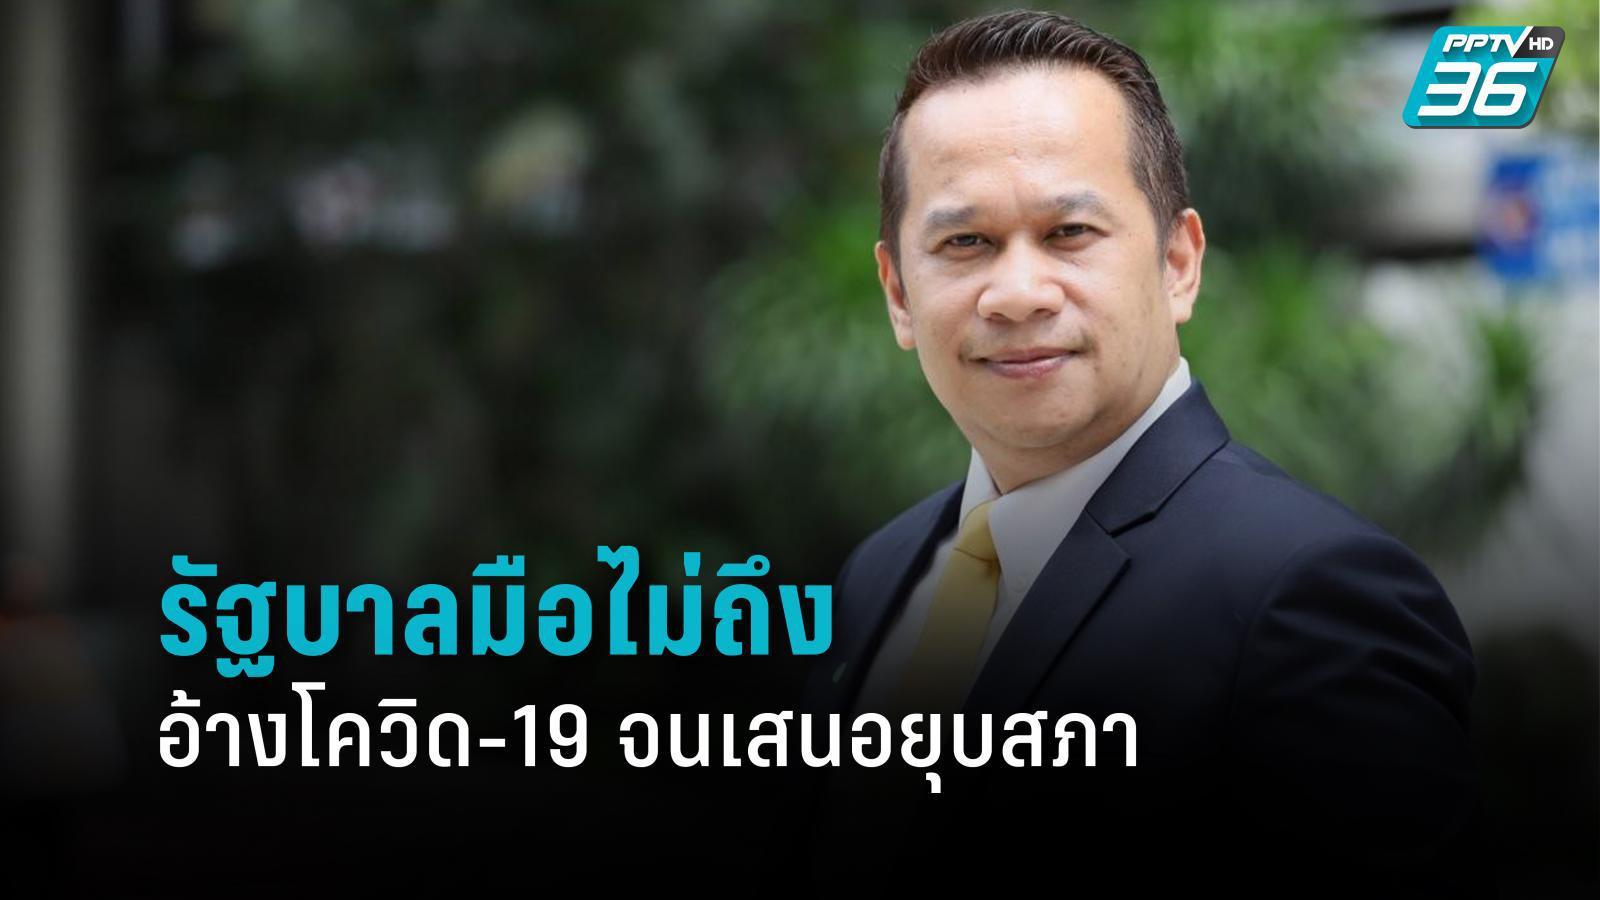 """""""เพื่อไทย"""" ชี้ """"สมคิด"""" เสนอยุบสภา คำสารภาพจากรัฐบาล"""